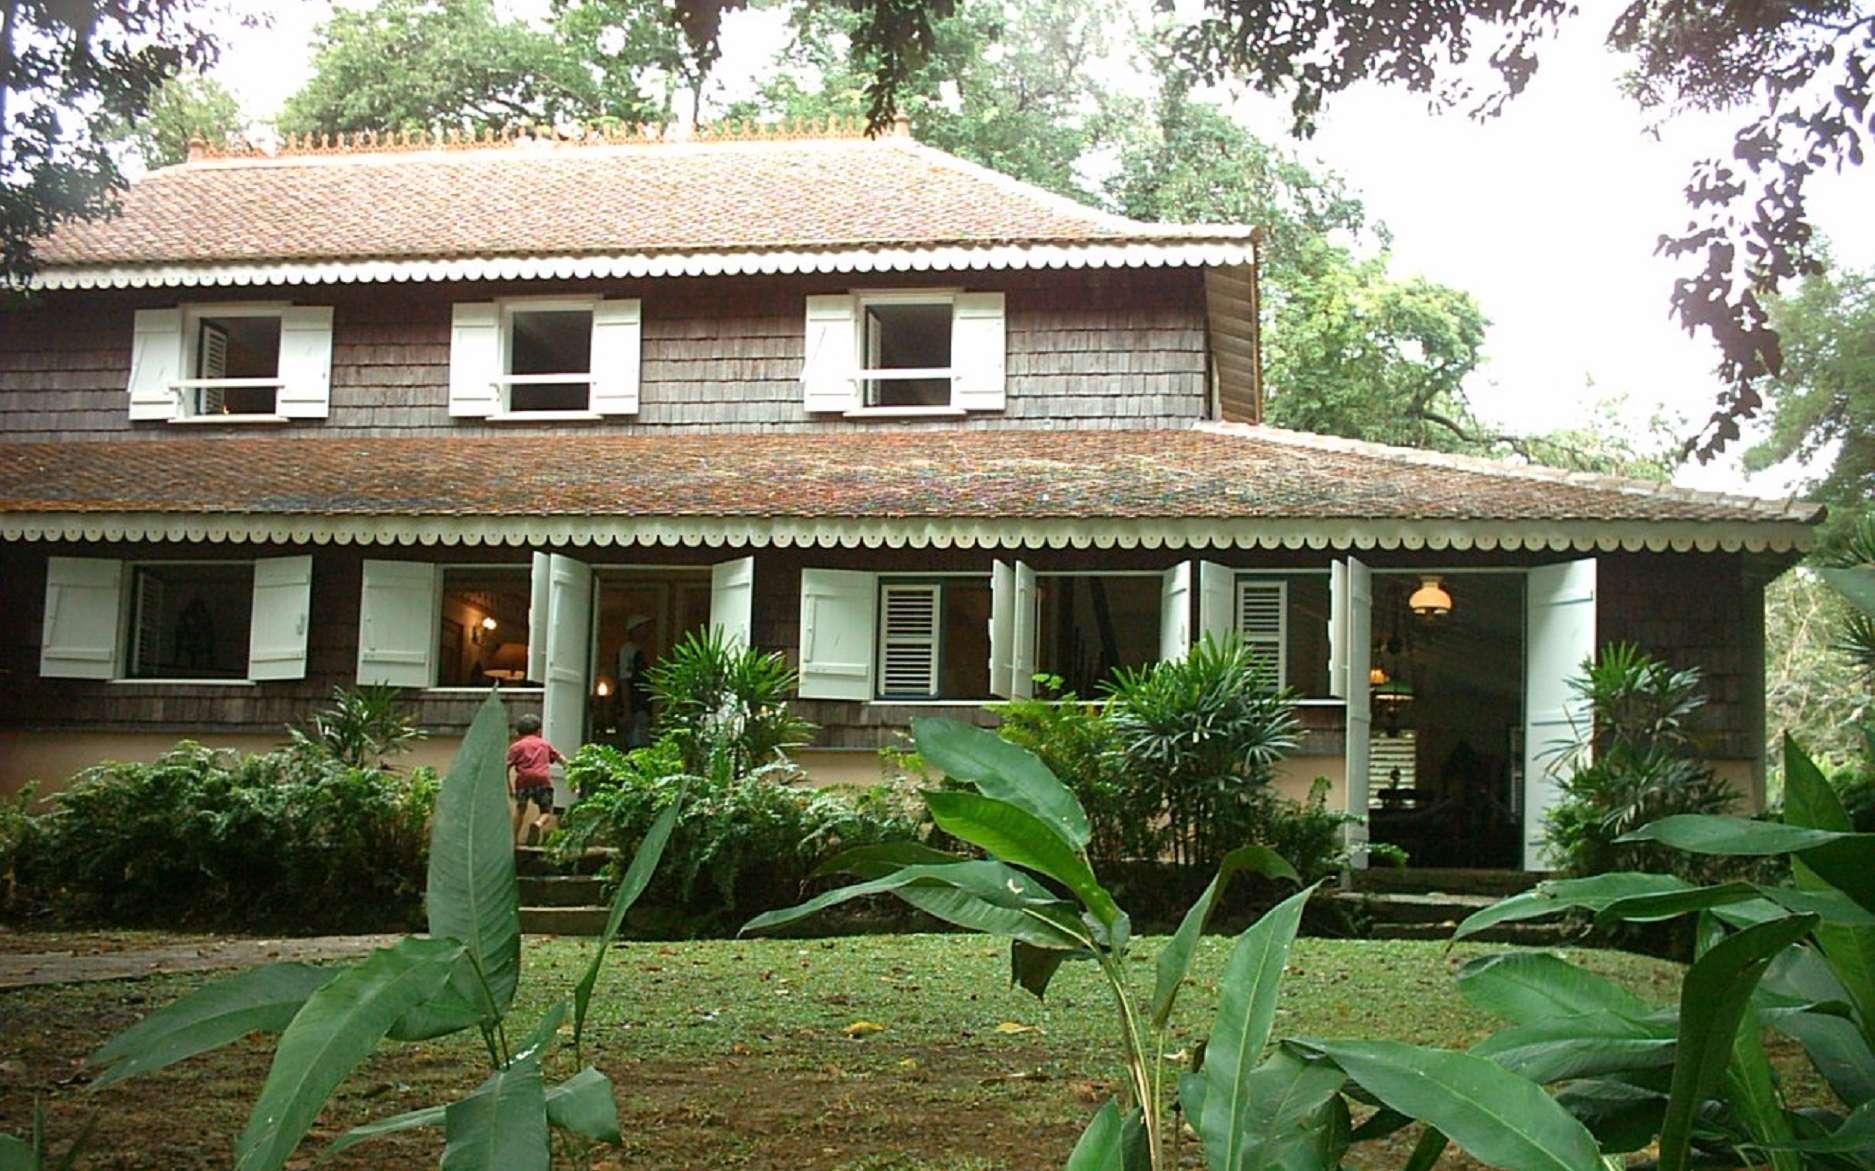 Habitation Clément, classée Monument historique. Architecture antillaise traditionnelle d'une plantation sucrière fin XVIIIe siècle, Martinique. © Wikimedia Commons, domaine public.